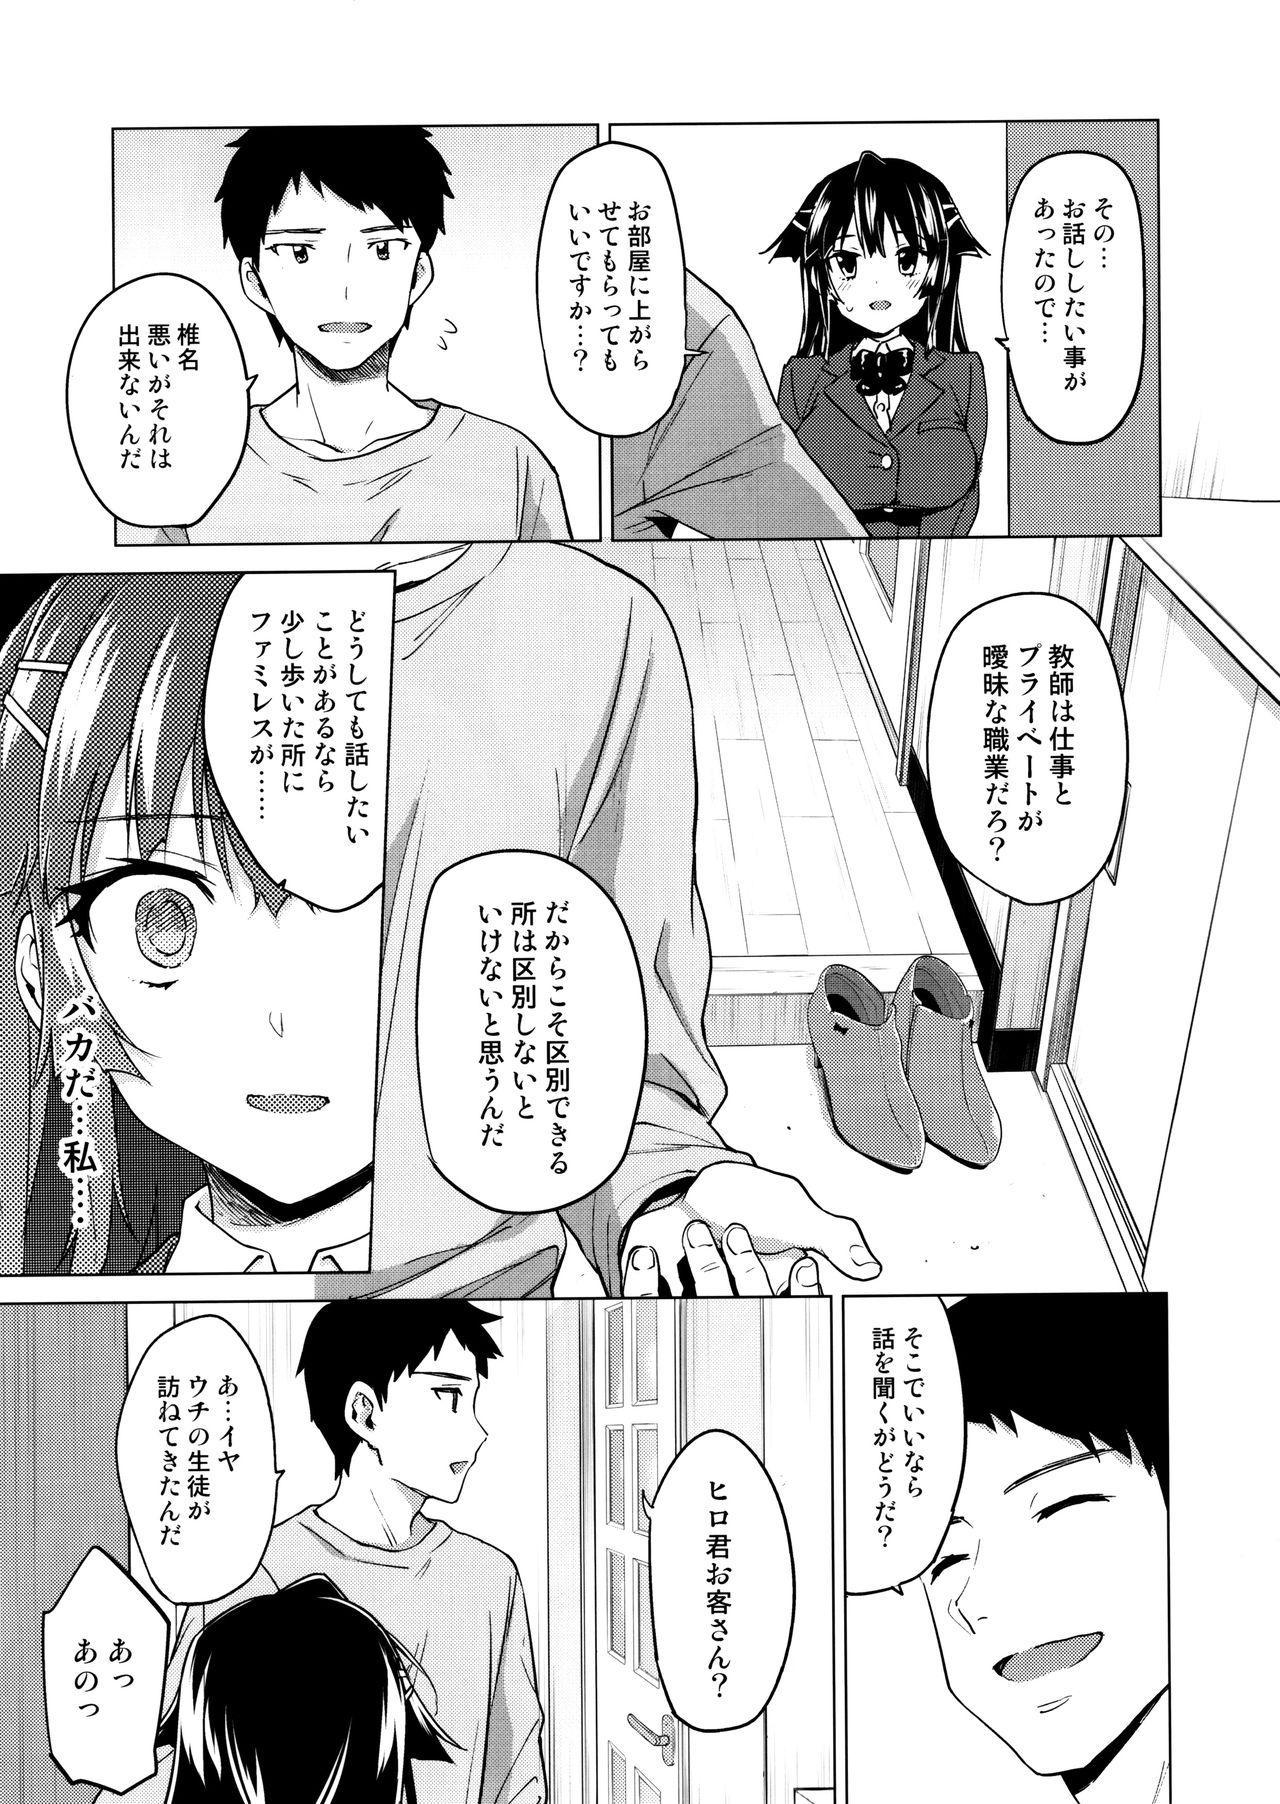 Chizuru-chan Kaihatsu Nikki 5 13